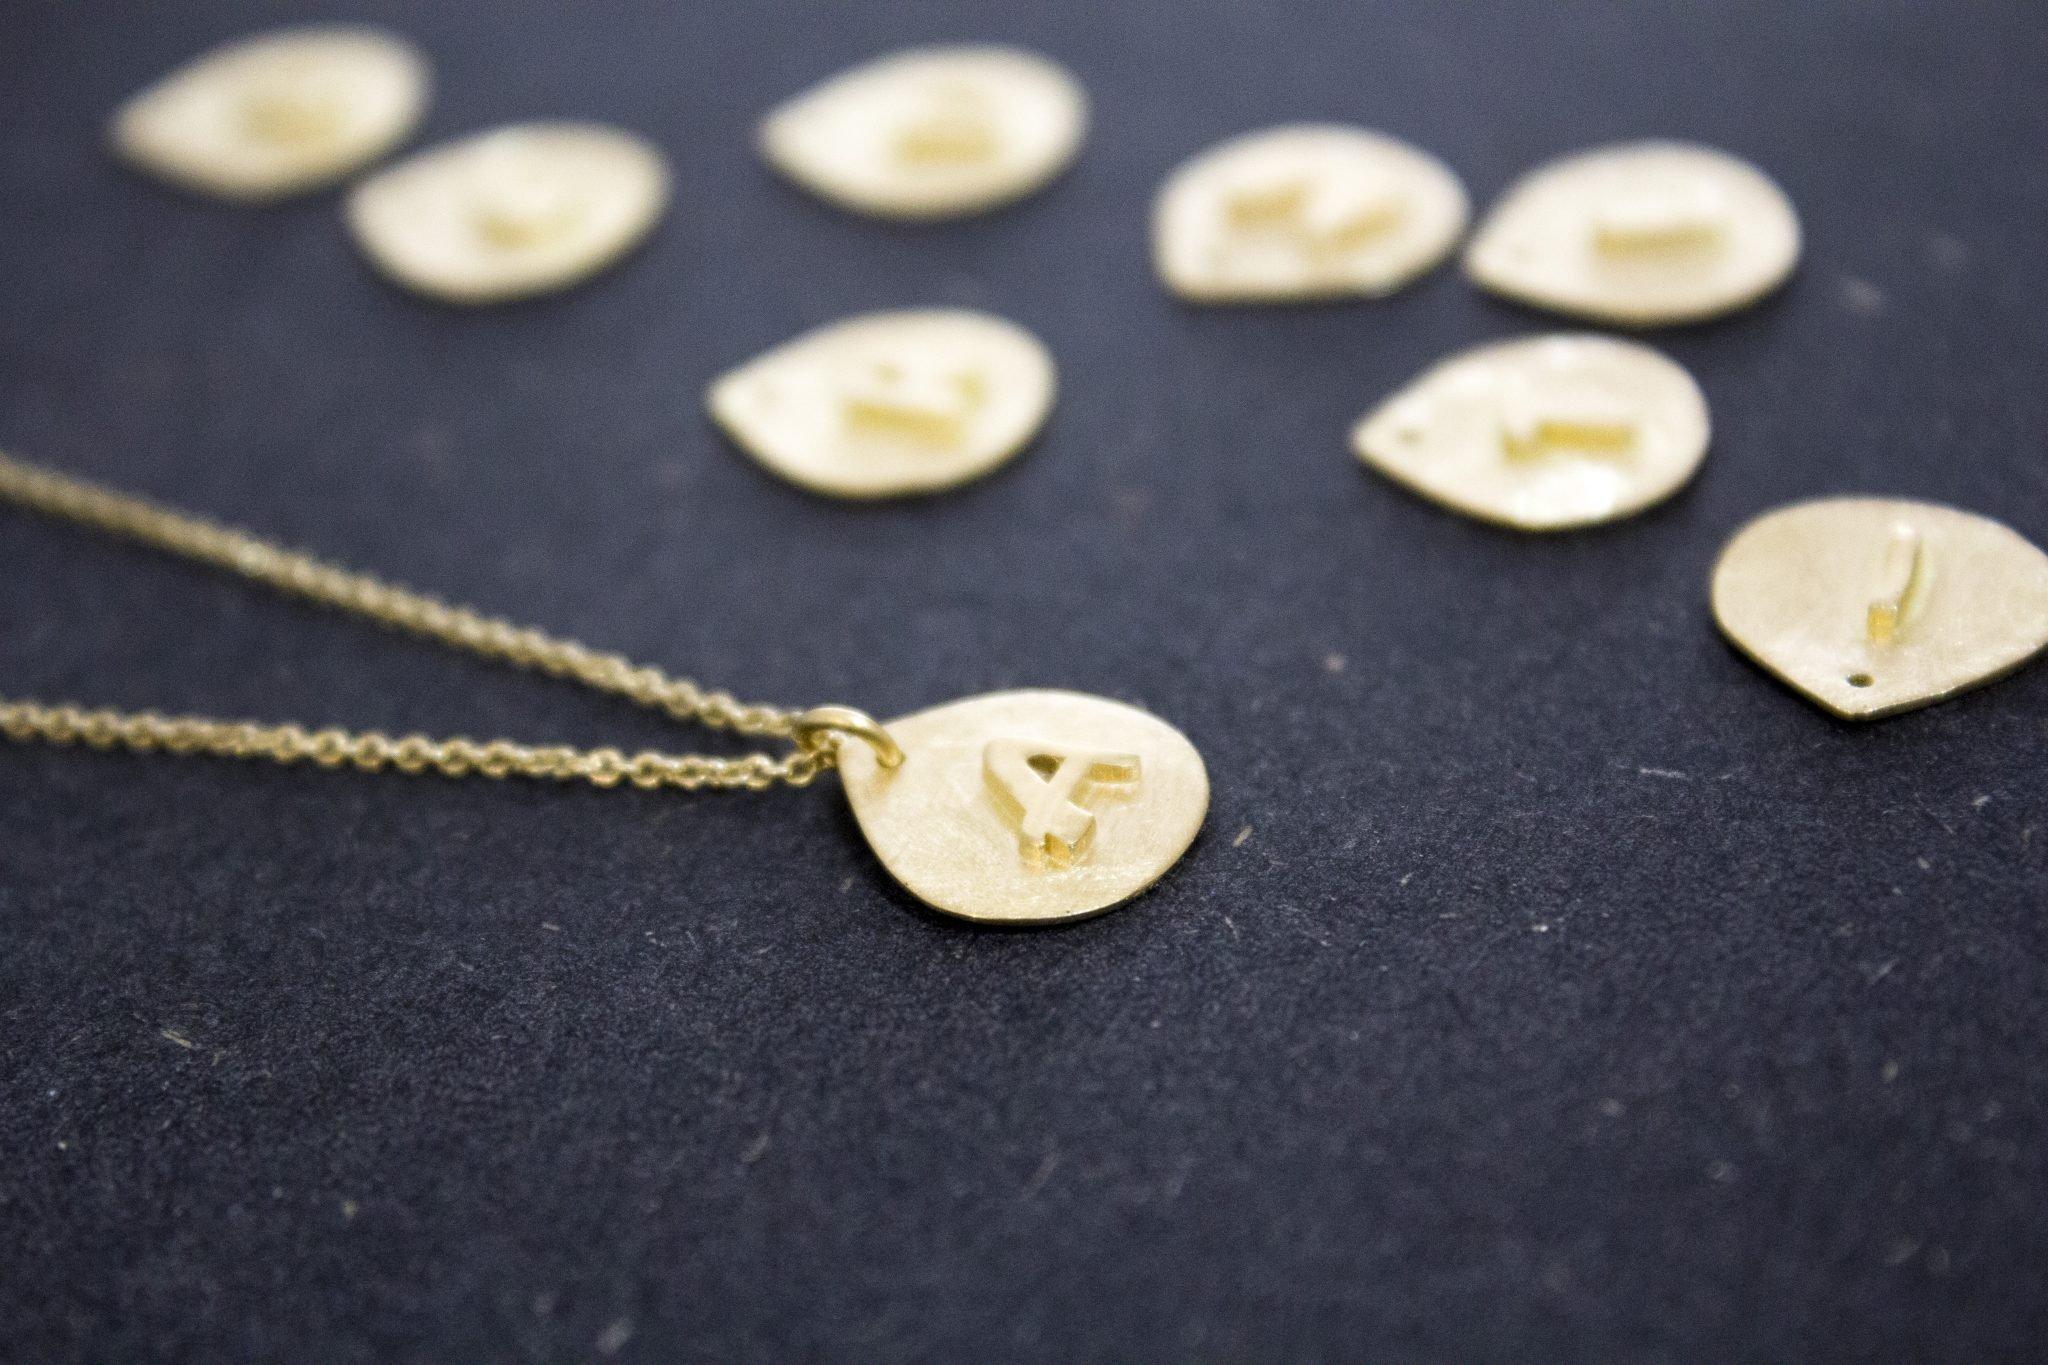 שרשרת זהב עם שמות הילדים